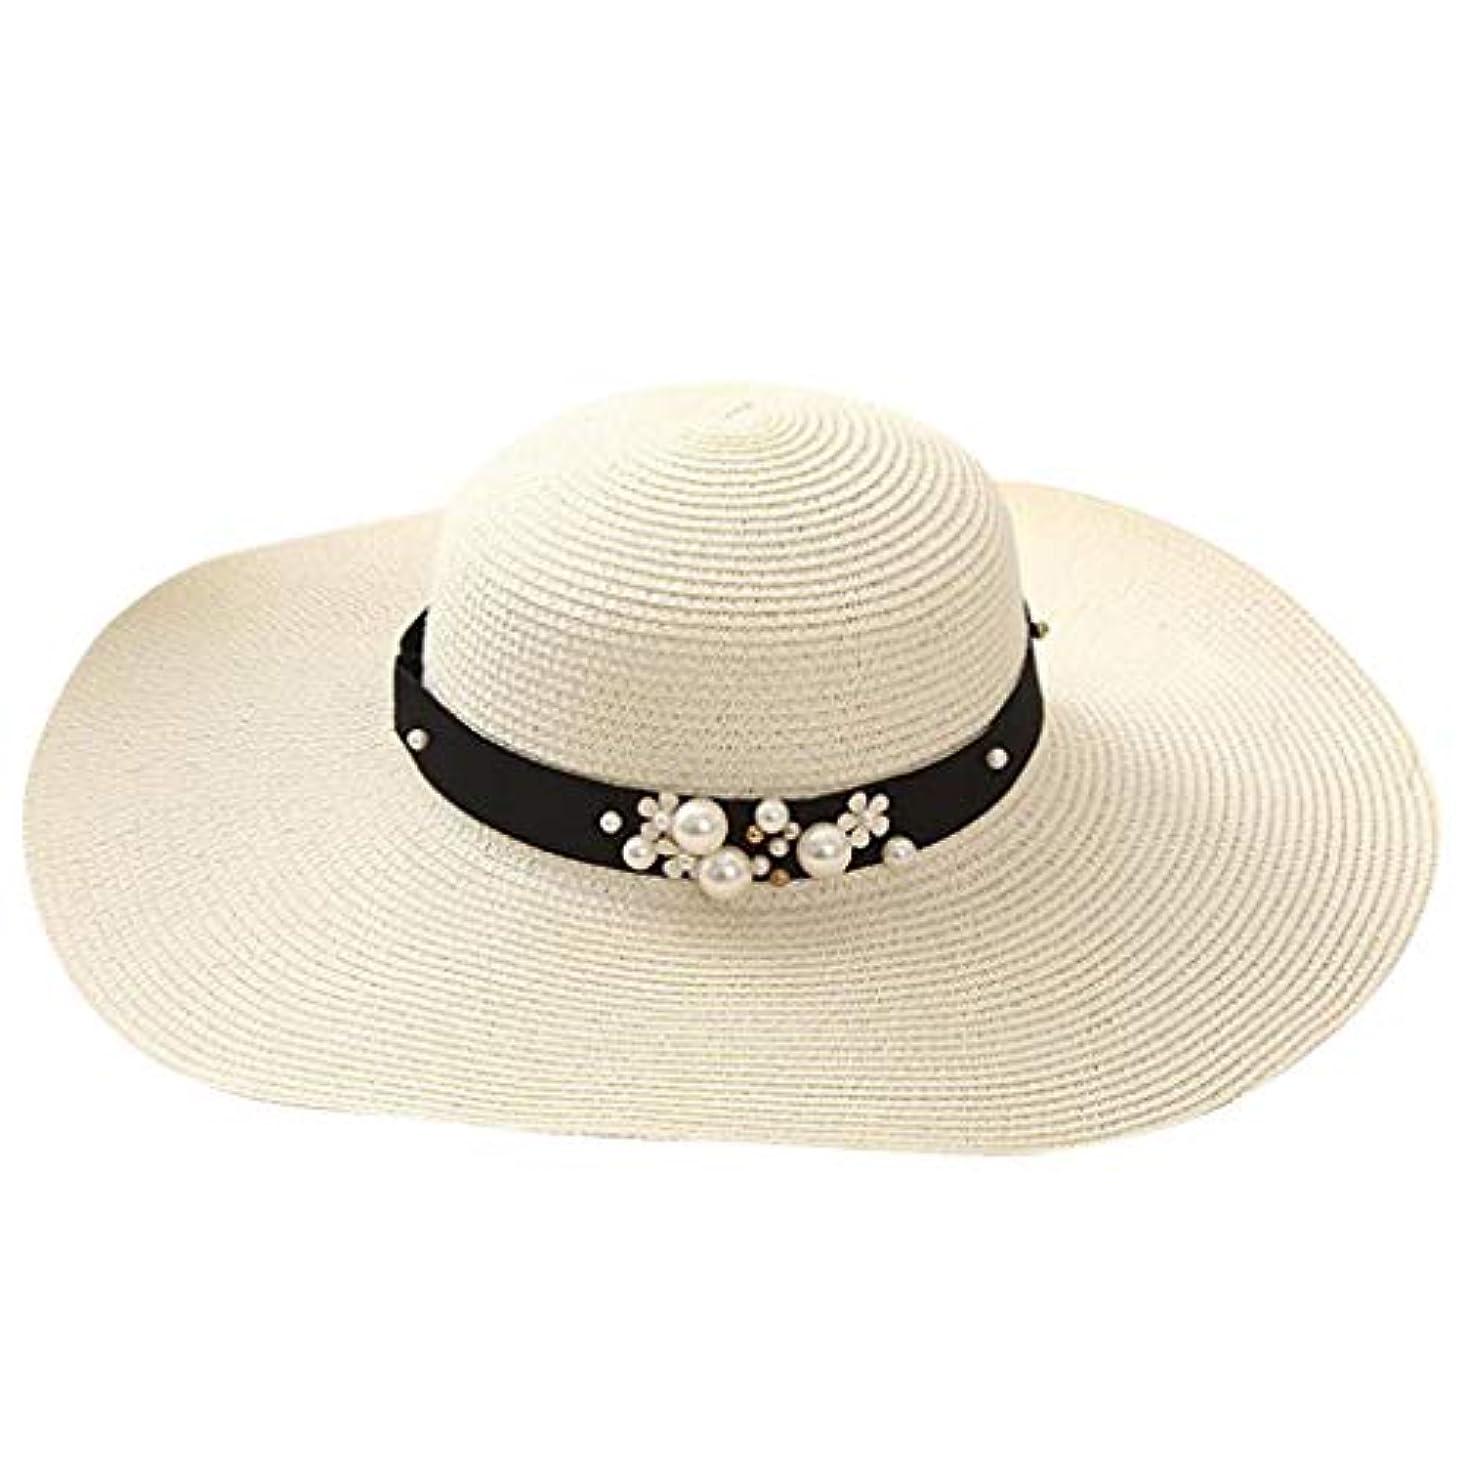 反逆ダイエット松の木漁師の帽子 ROSE ROMAN UVカット 帽子 帽子 レディース 麦わら帽子 UV帽子 紫外線対策 通気性 取り外すあご紐 サイズ調節可 つば広 おしゃれ 可愛い ハット 旅行用 日よけ 夏季 女優帽 小顔効果抜群